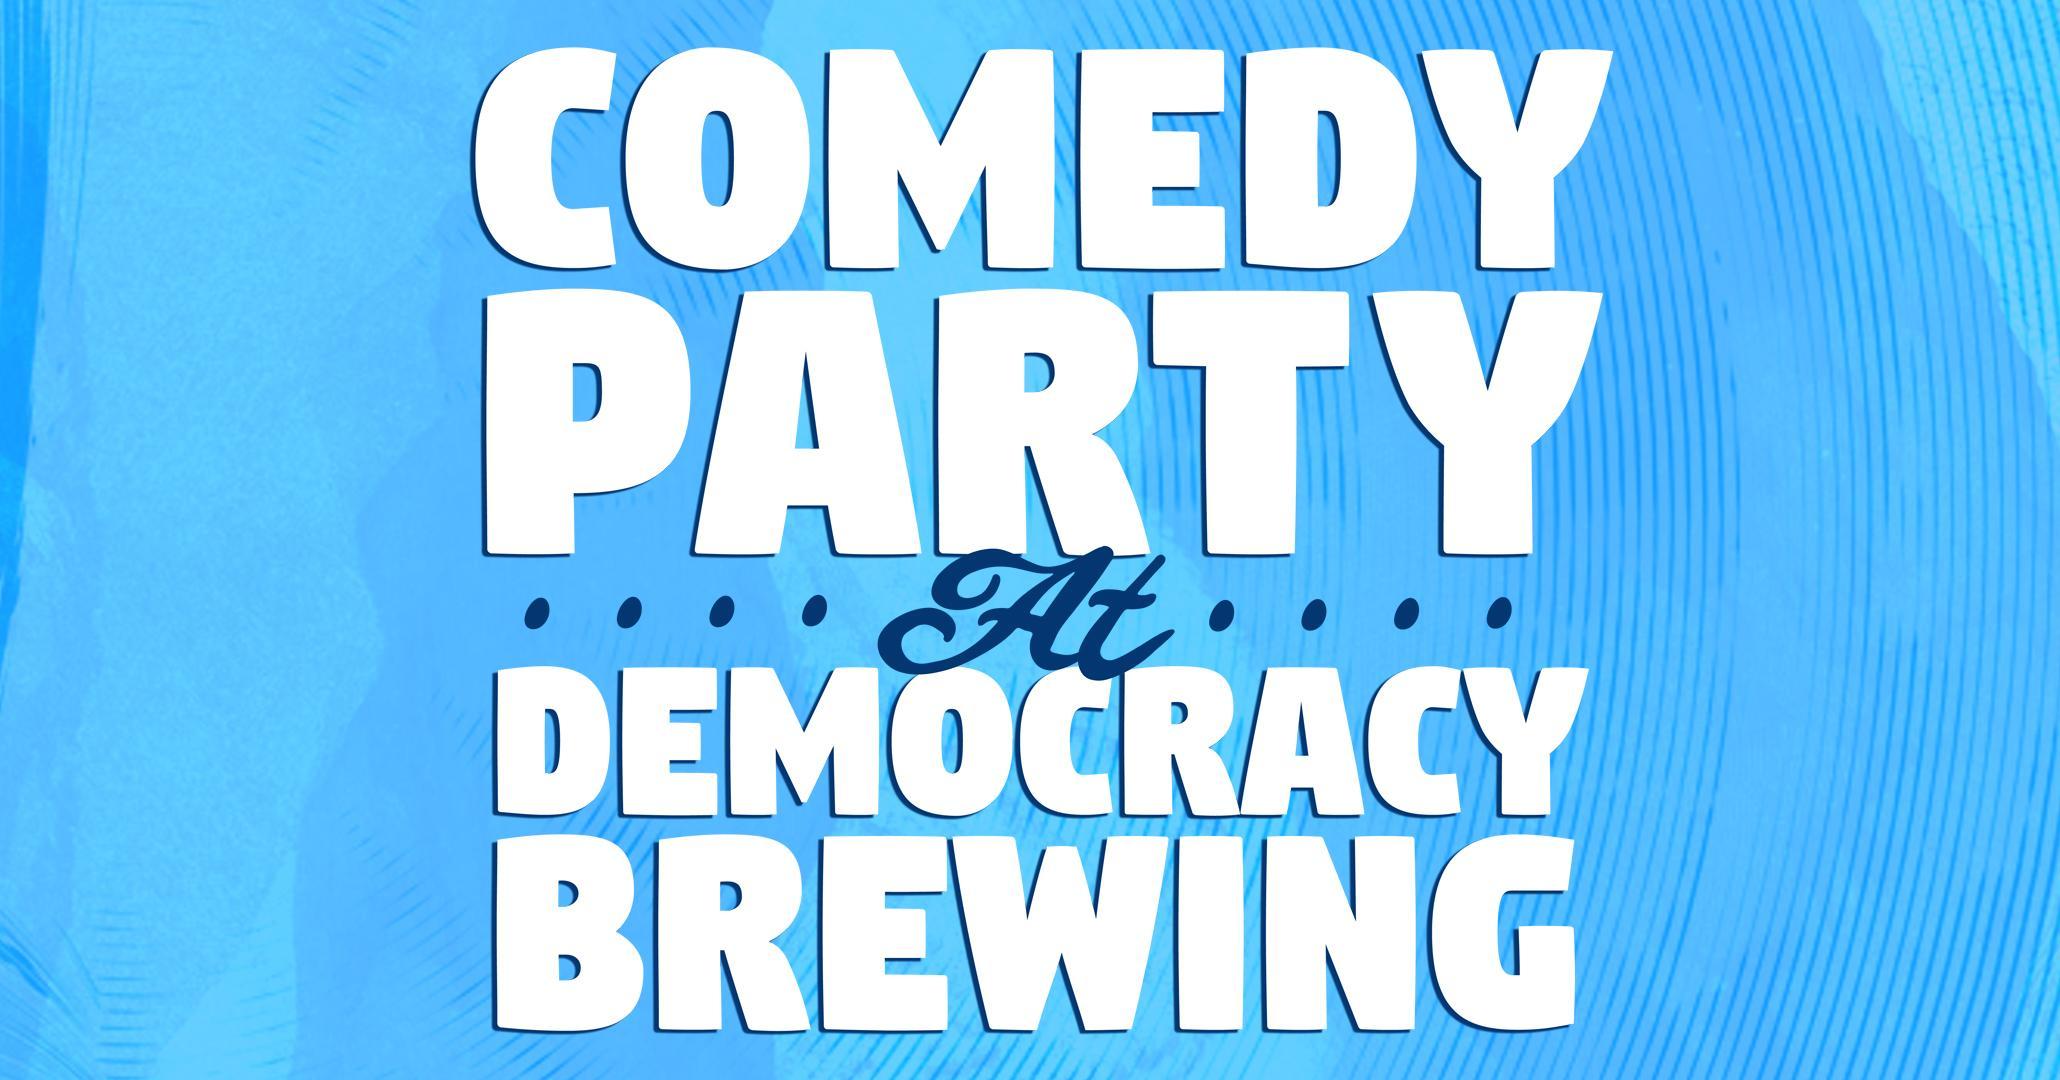 Comedy Party @ Democracy Brewing!